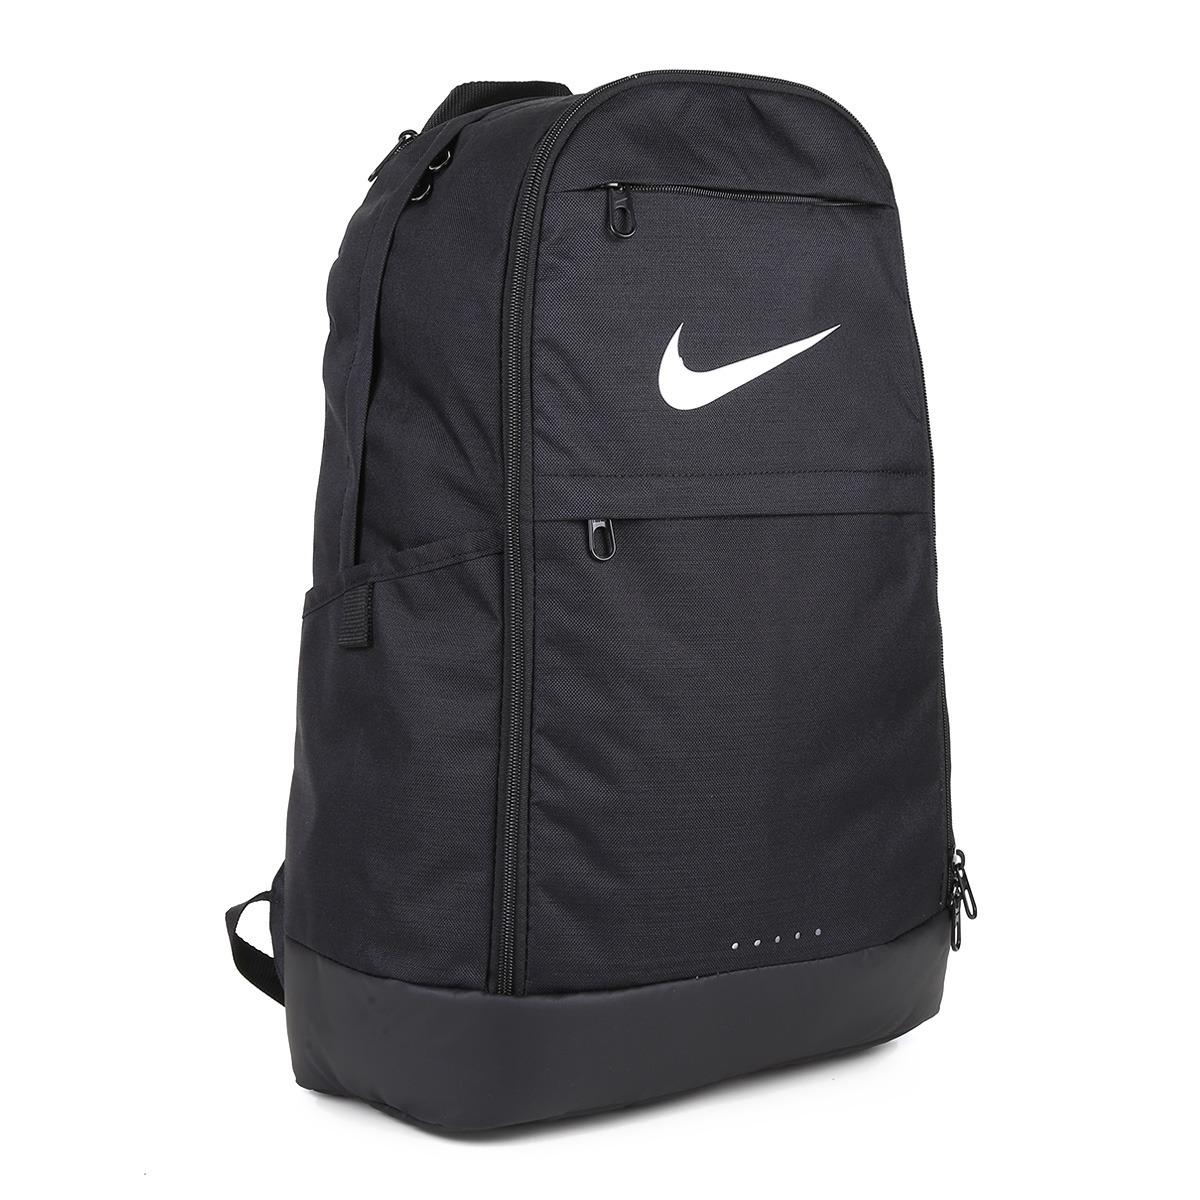 Preto Ba5892 G 010 Brasilia Nike Mochila Extra bYyf7g6v